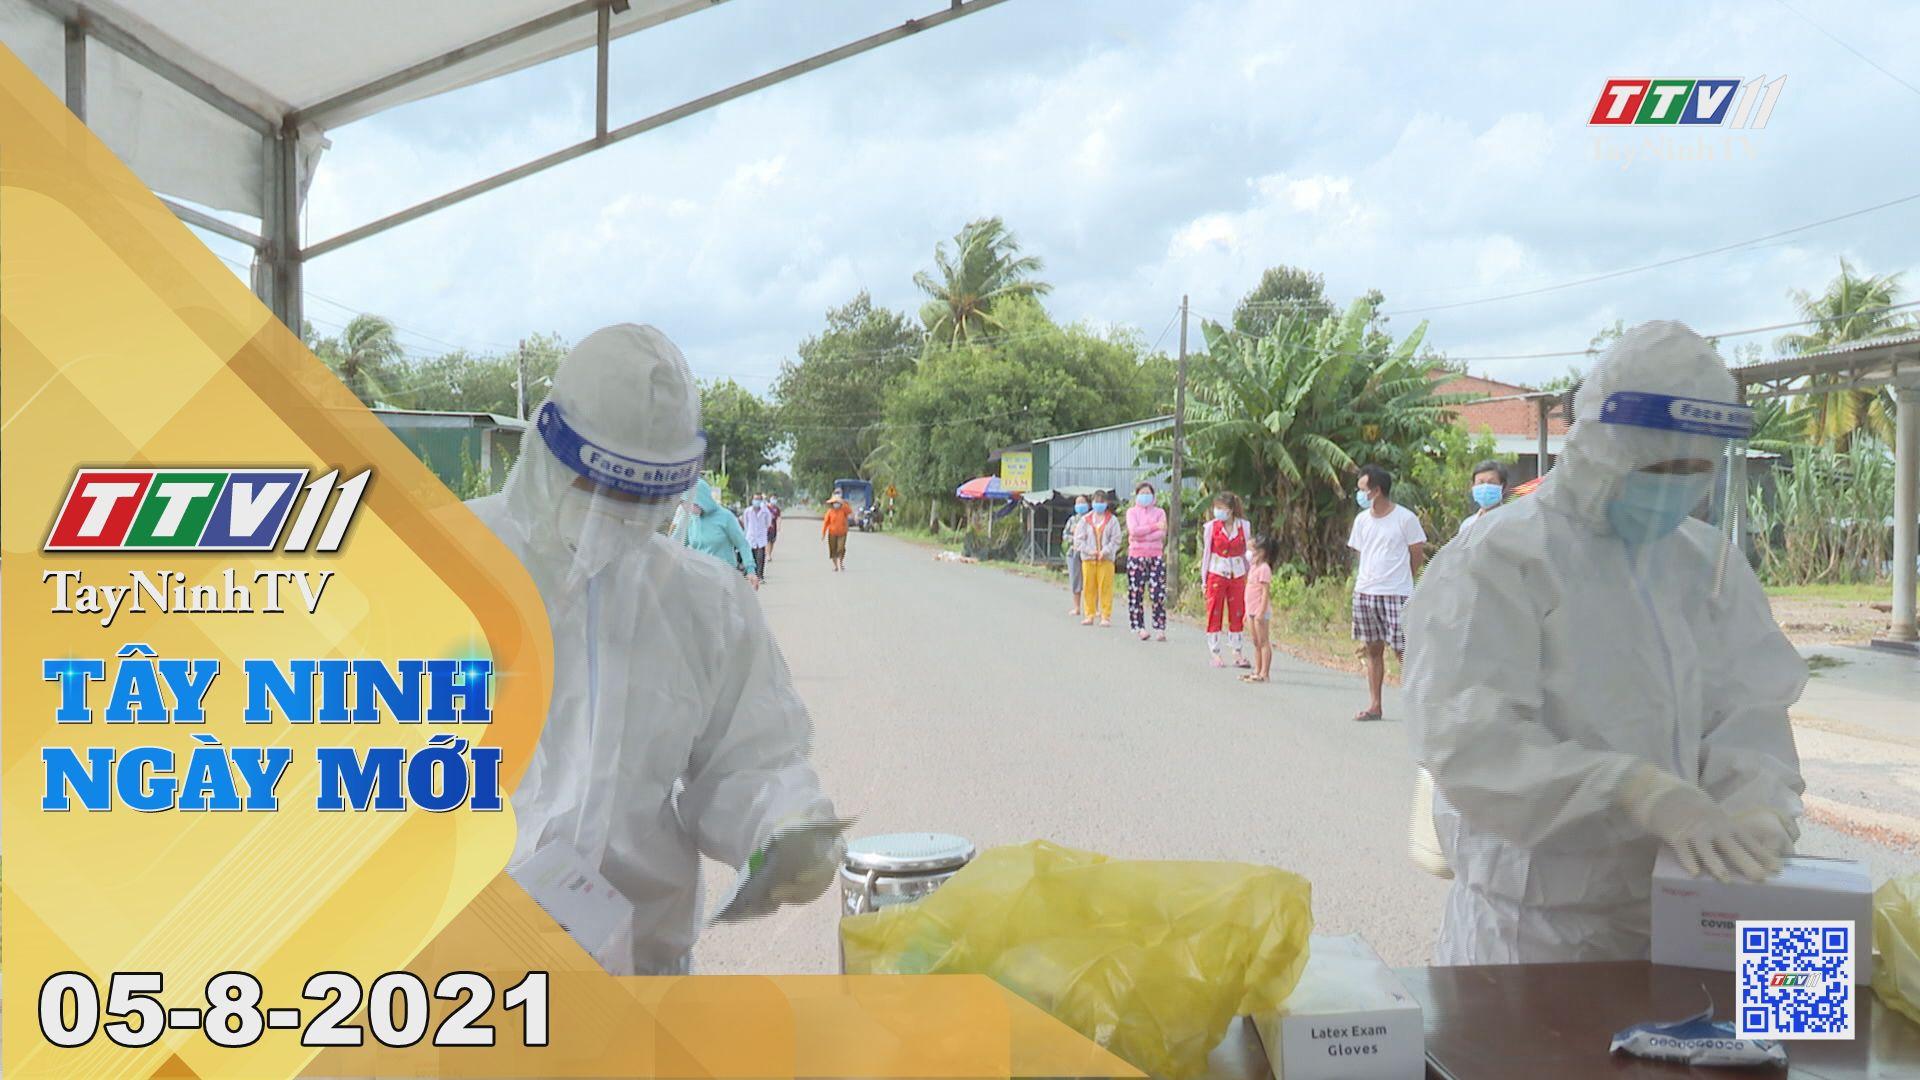 Tây Ninh Ngày Mới 05-8-2021   Tin tức hôm nay   TayNinhTV